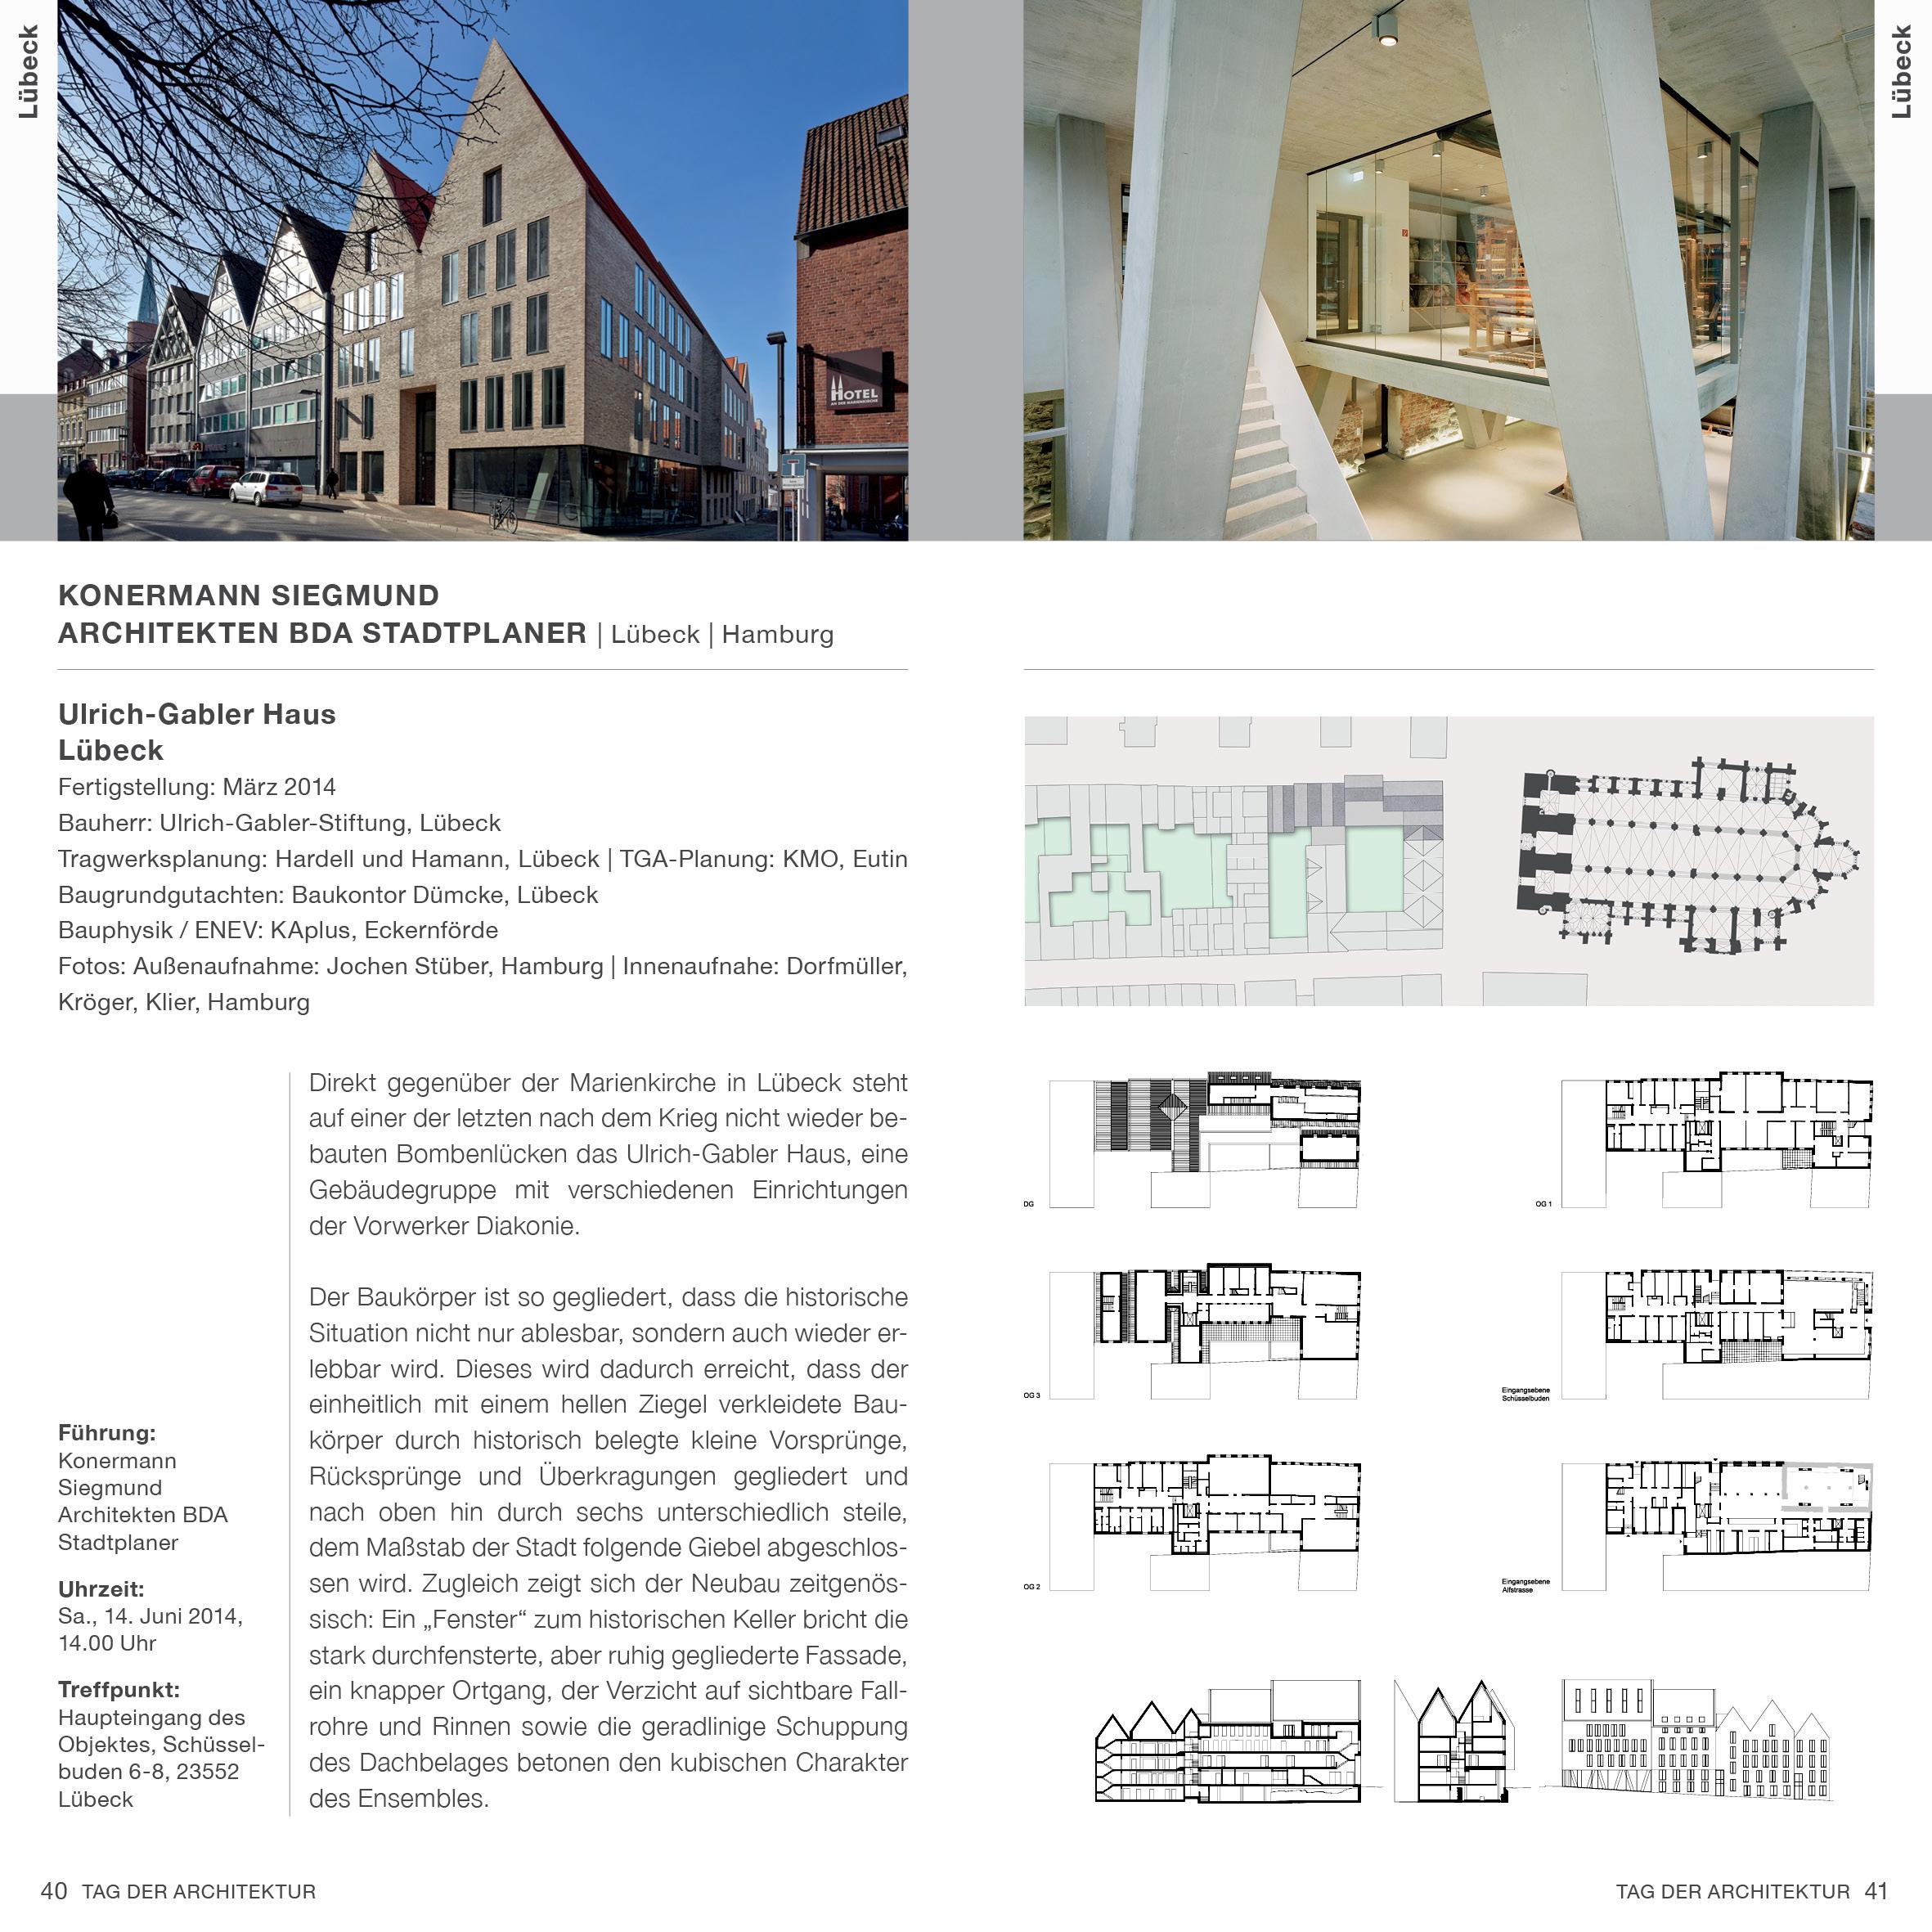 Architekten L Beck archiv der jahre 2005 2015 architekten und ingenieurkammer schleswig holstein